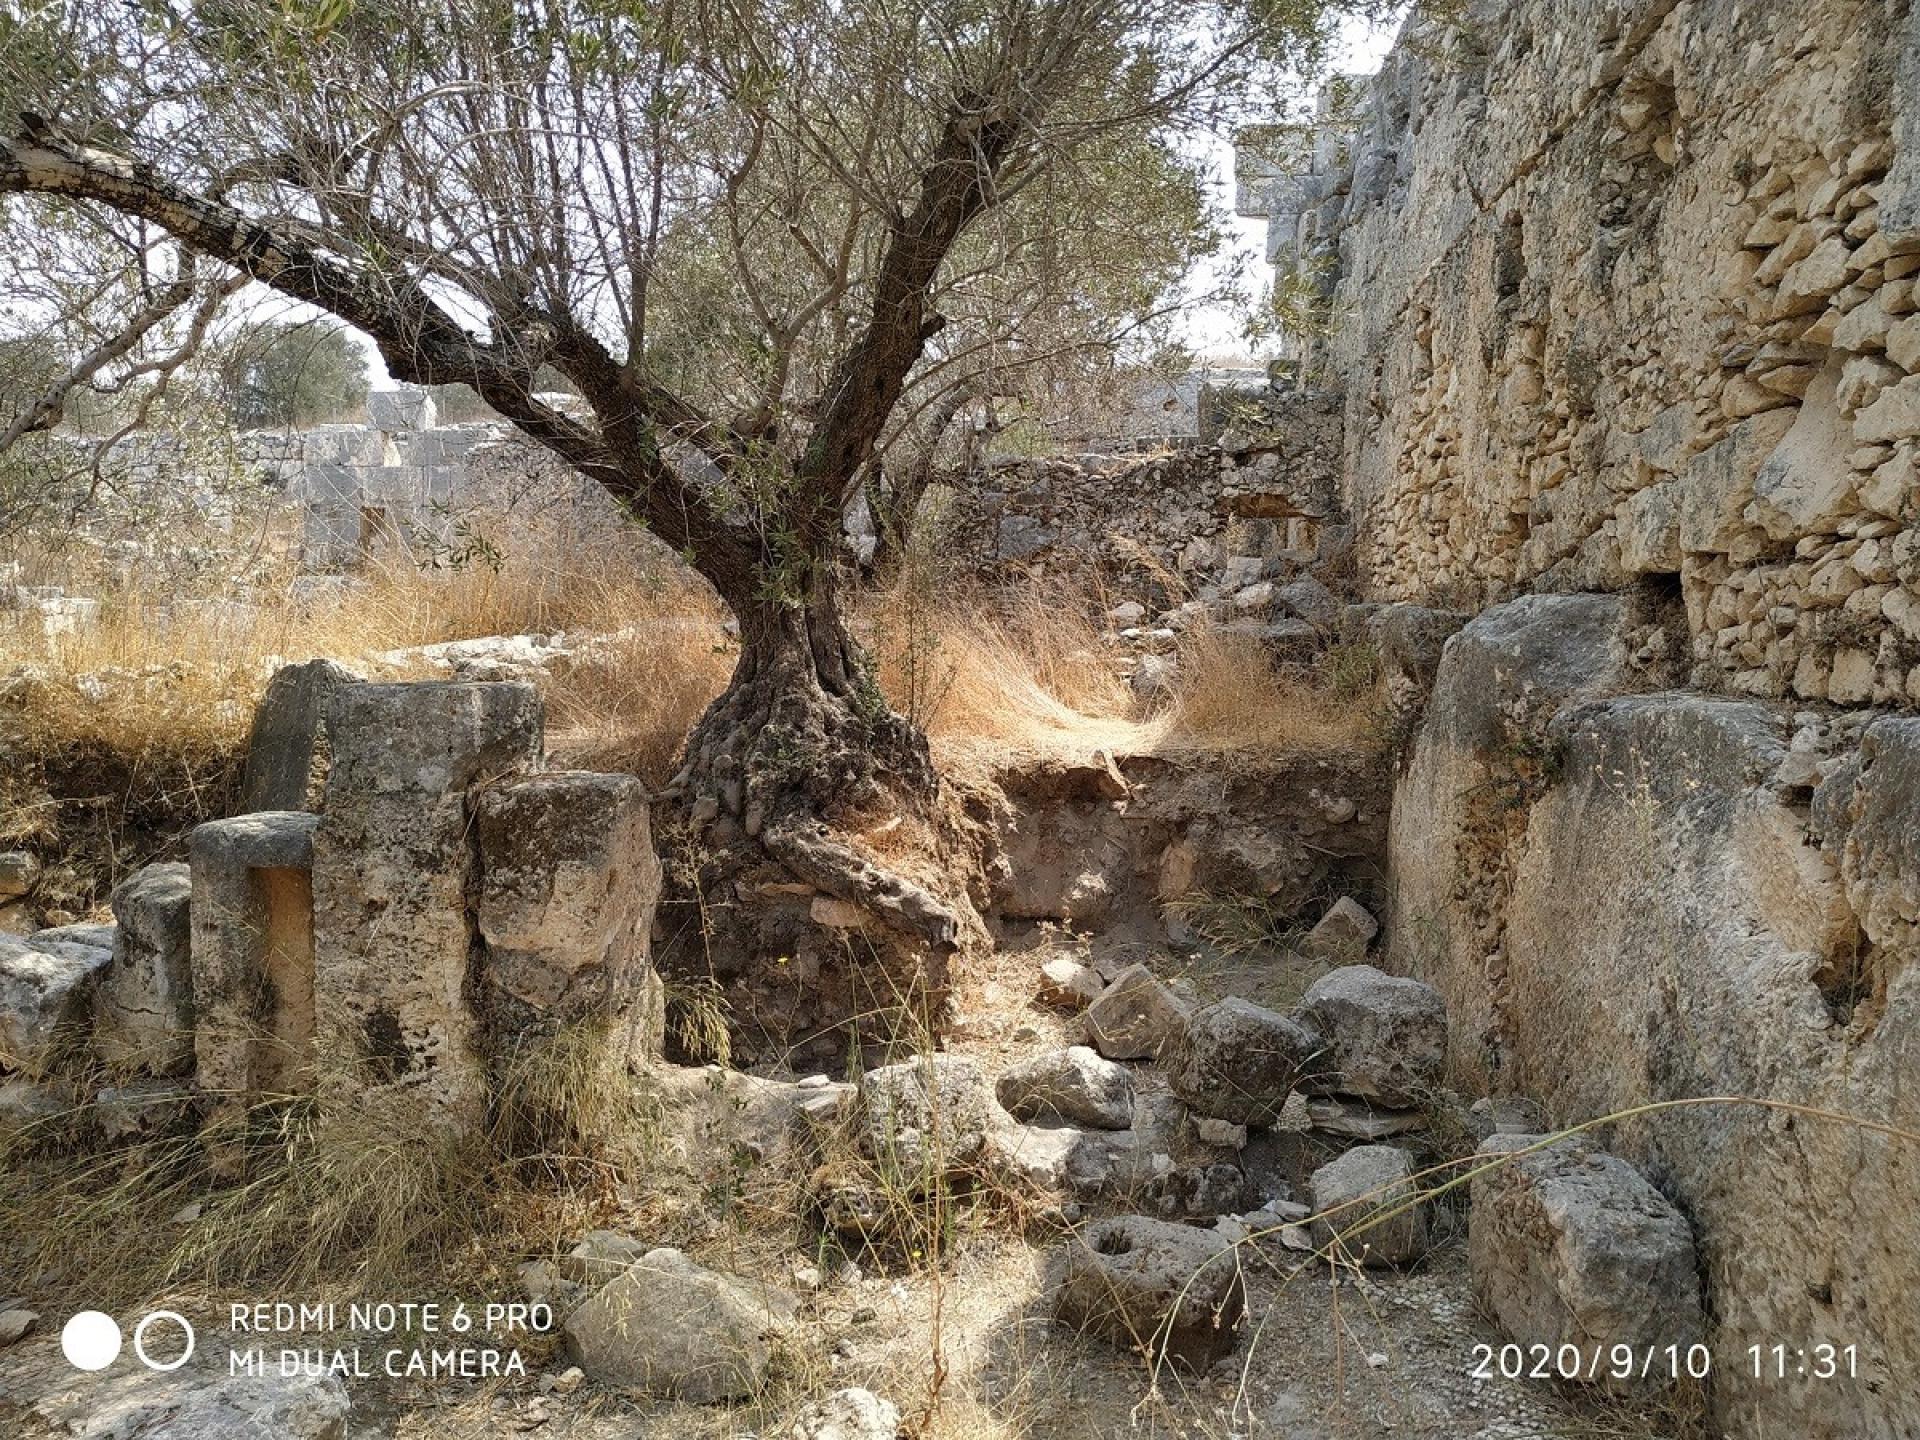 עץ זית ששורשיו נחשפו עקב חפירות הצבא